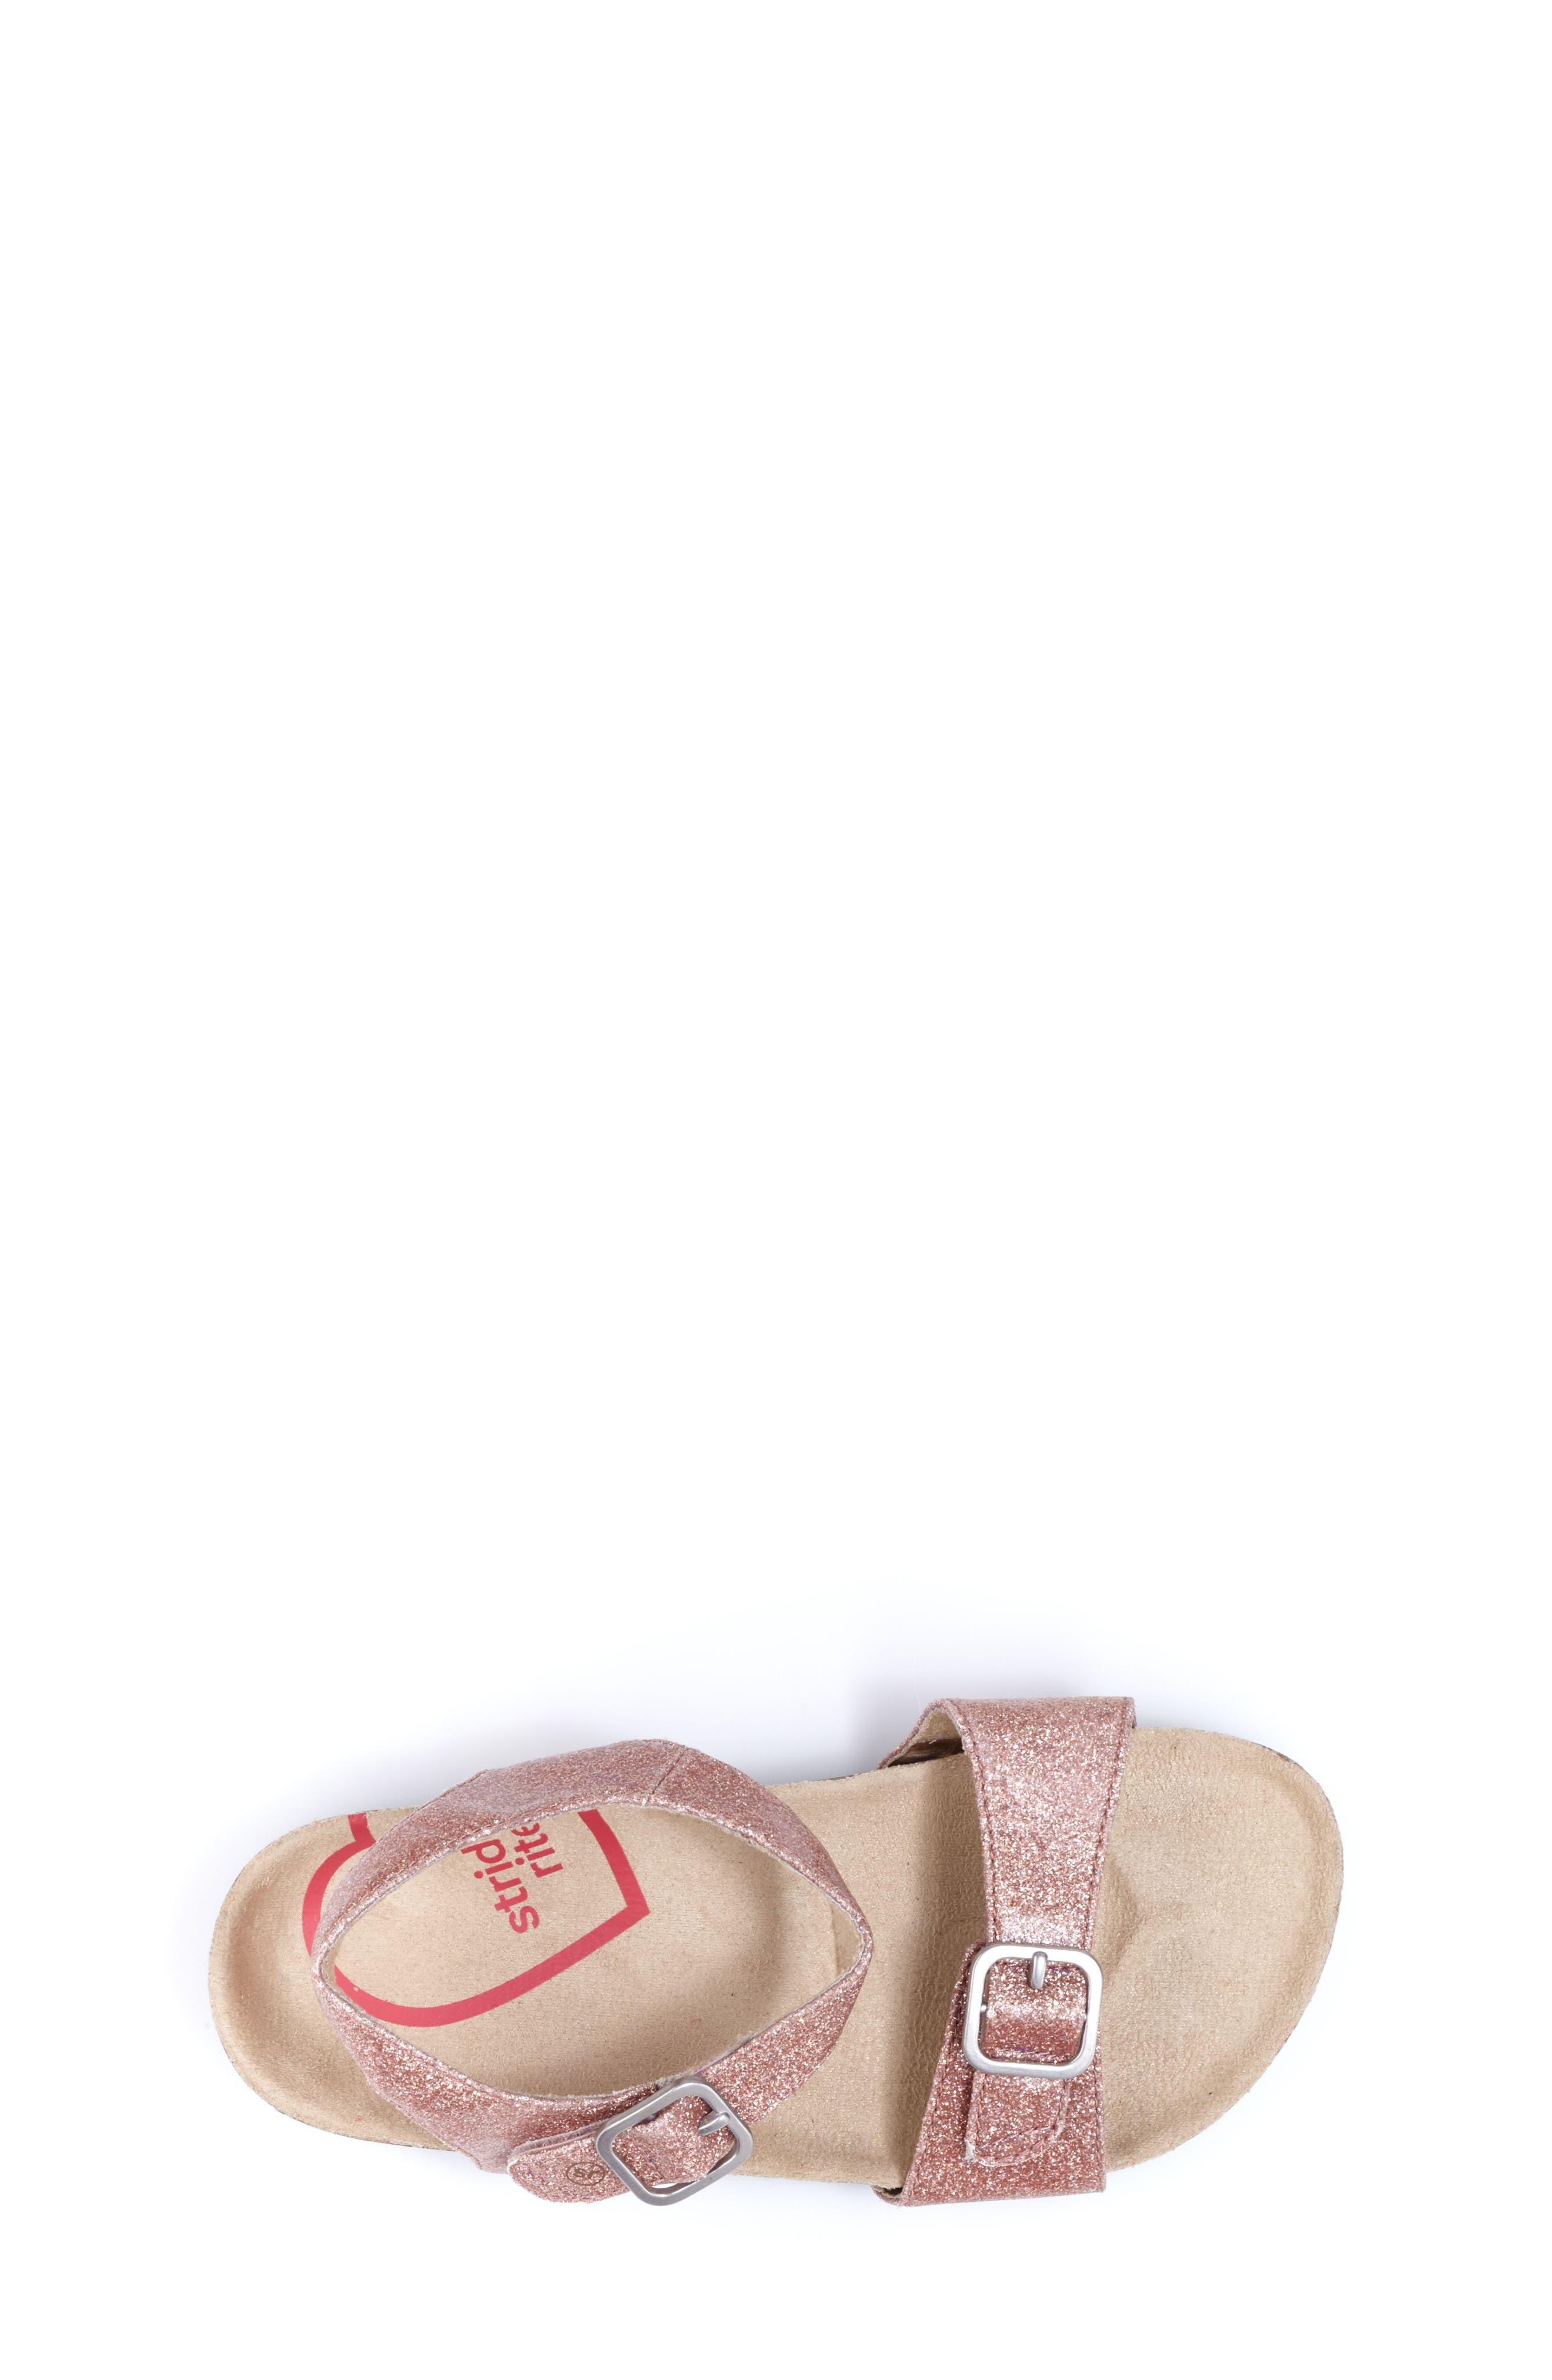 Zuly Glitter Sandal,                             Alternate thumbnail 4, color,                             ROSE GOLD